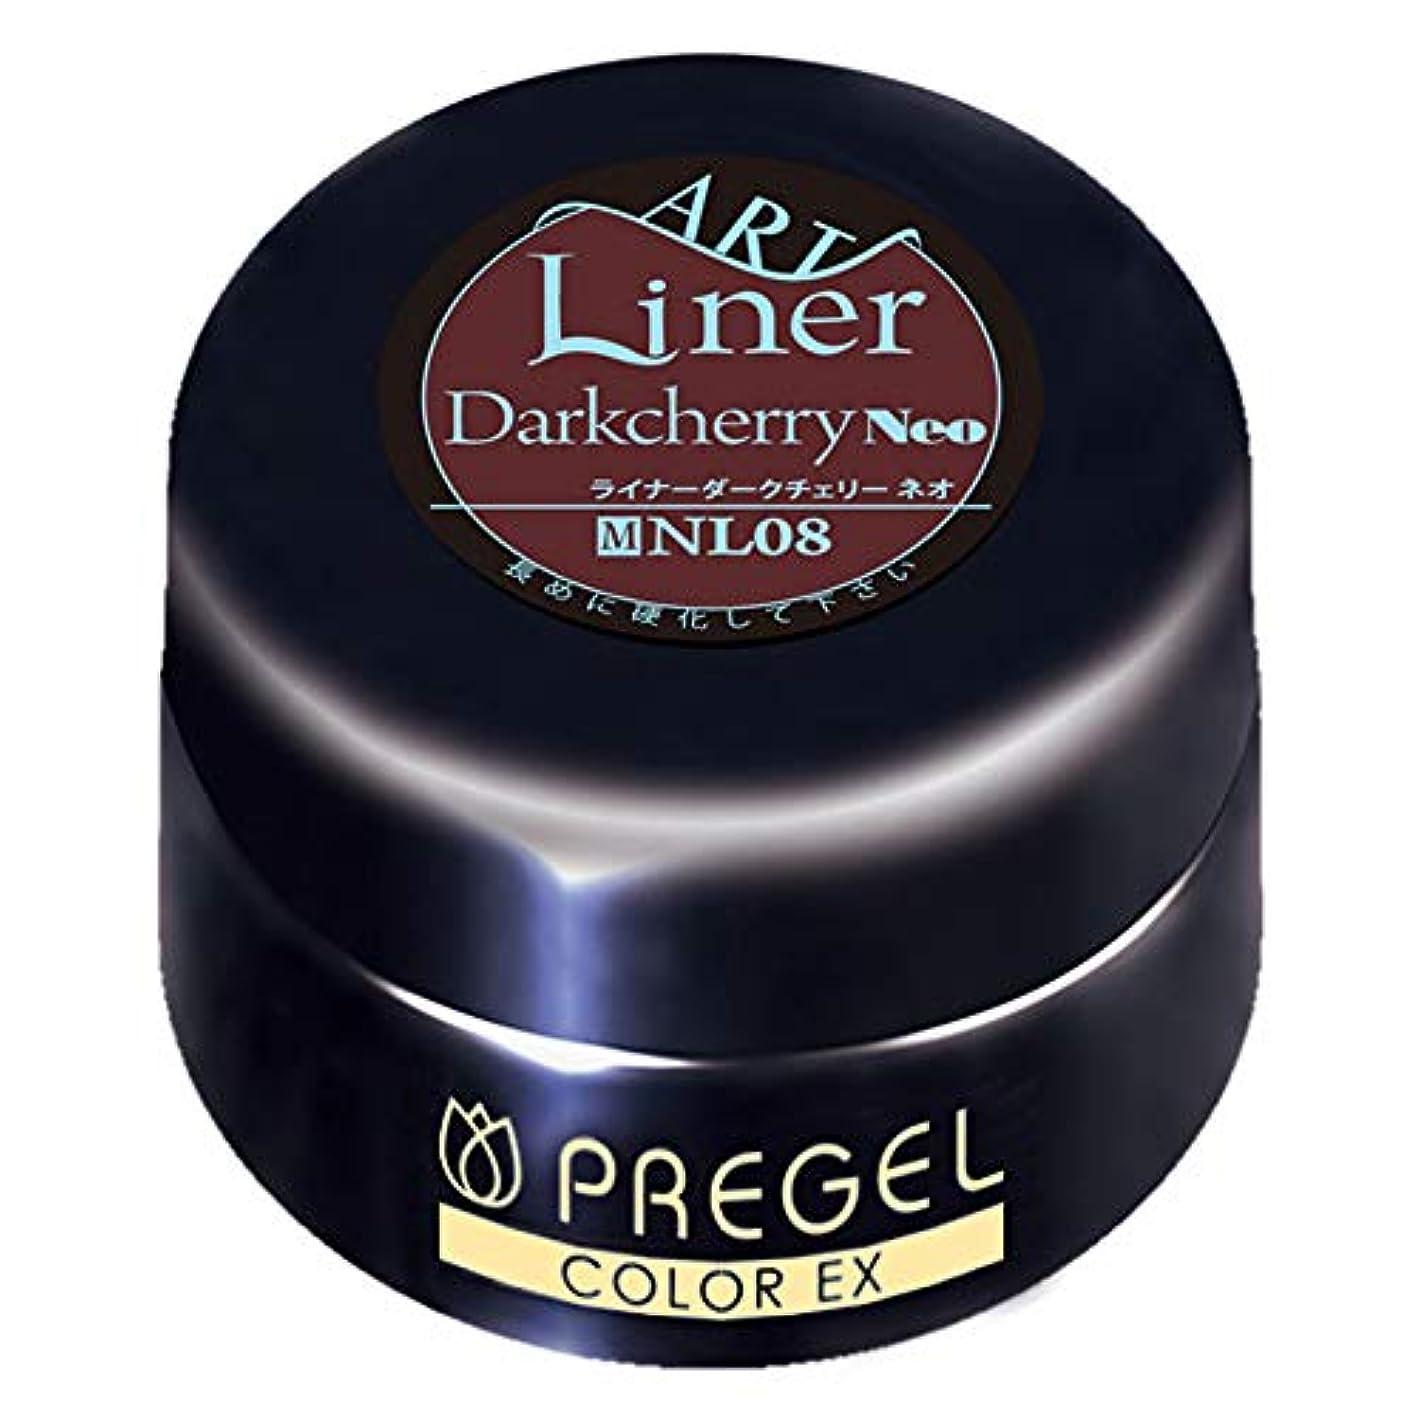 貝殻ケープ眠りPRE GEL カラージェル カラーEX ライナーダークチェリーneo08 4g PG-CENL08 UV/LED対応